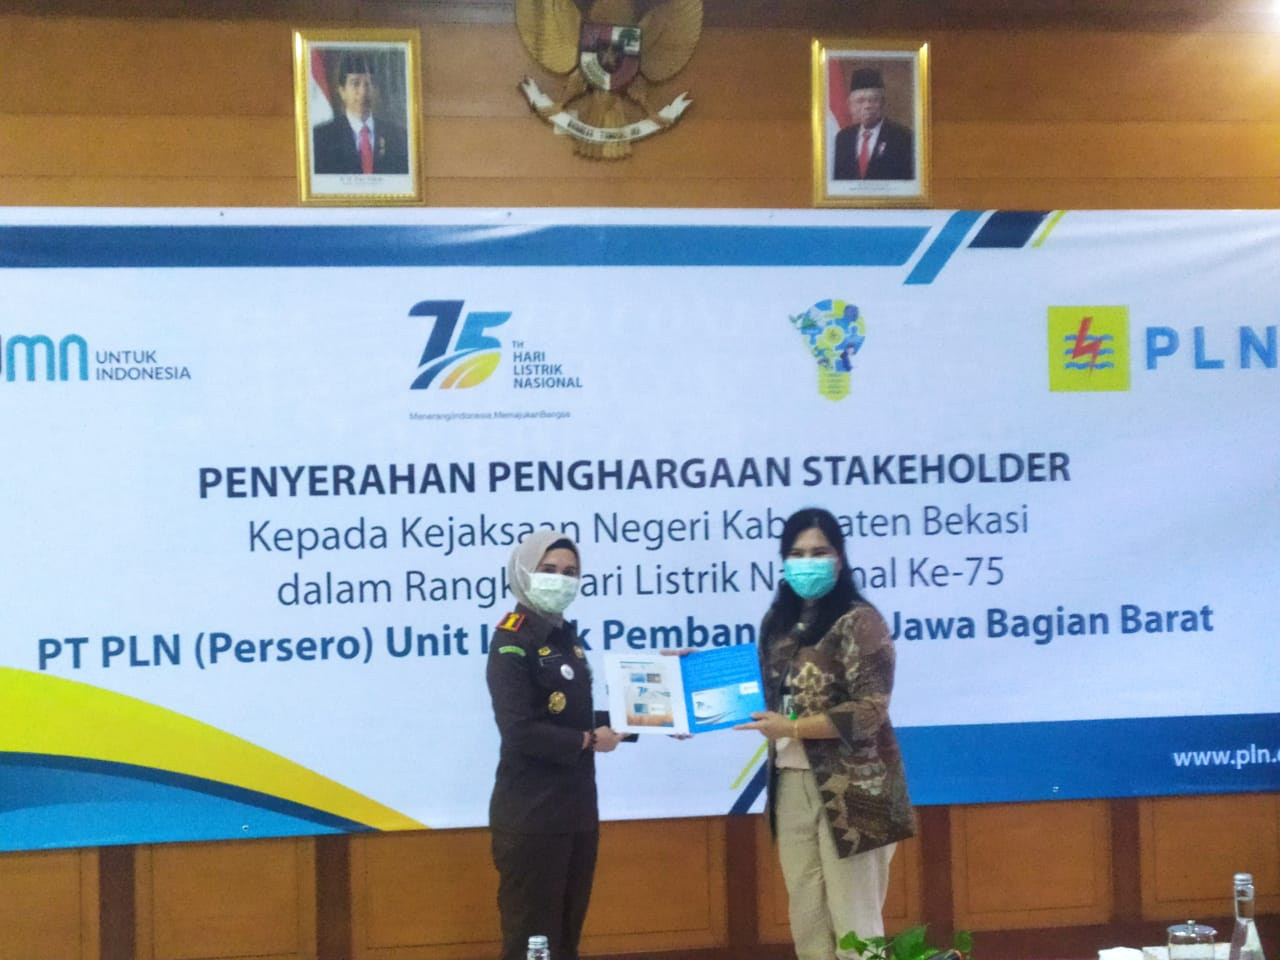 Kejaksaan Negeri Kabupaten Bekasi sebagai Stakeholder terbaik